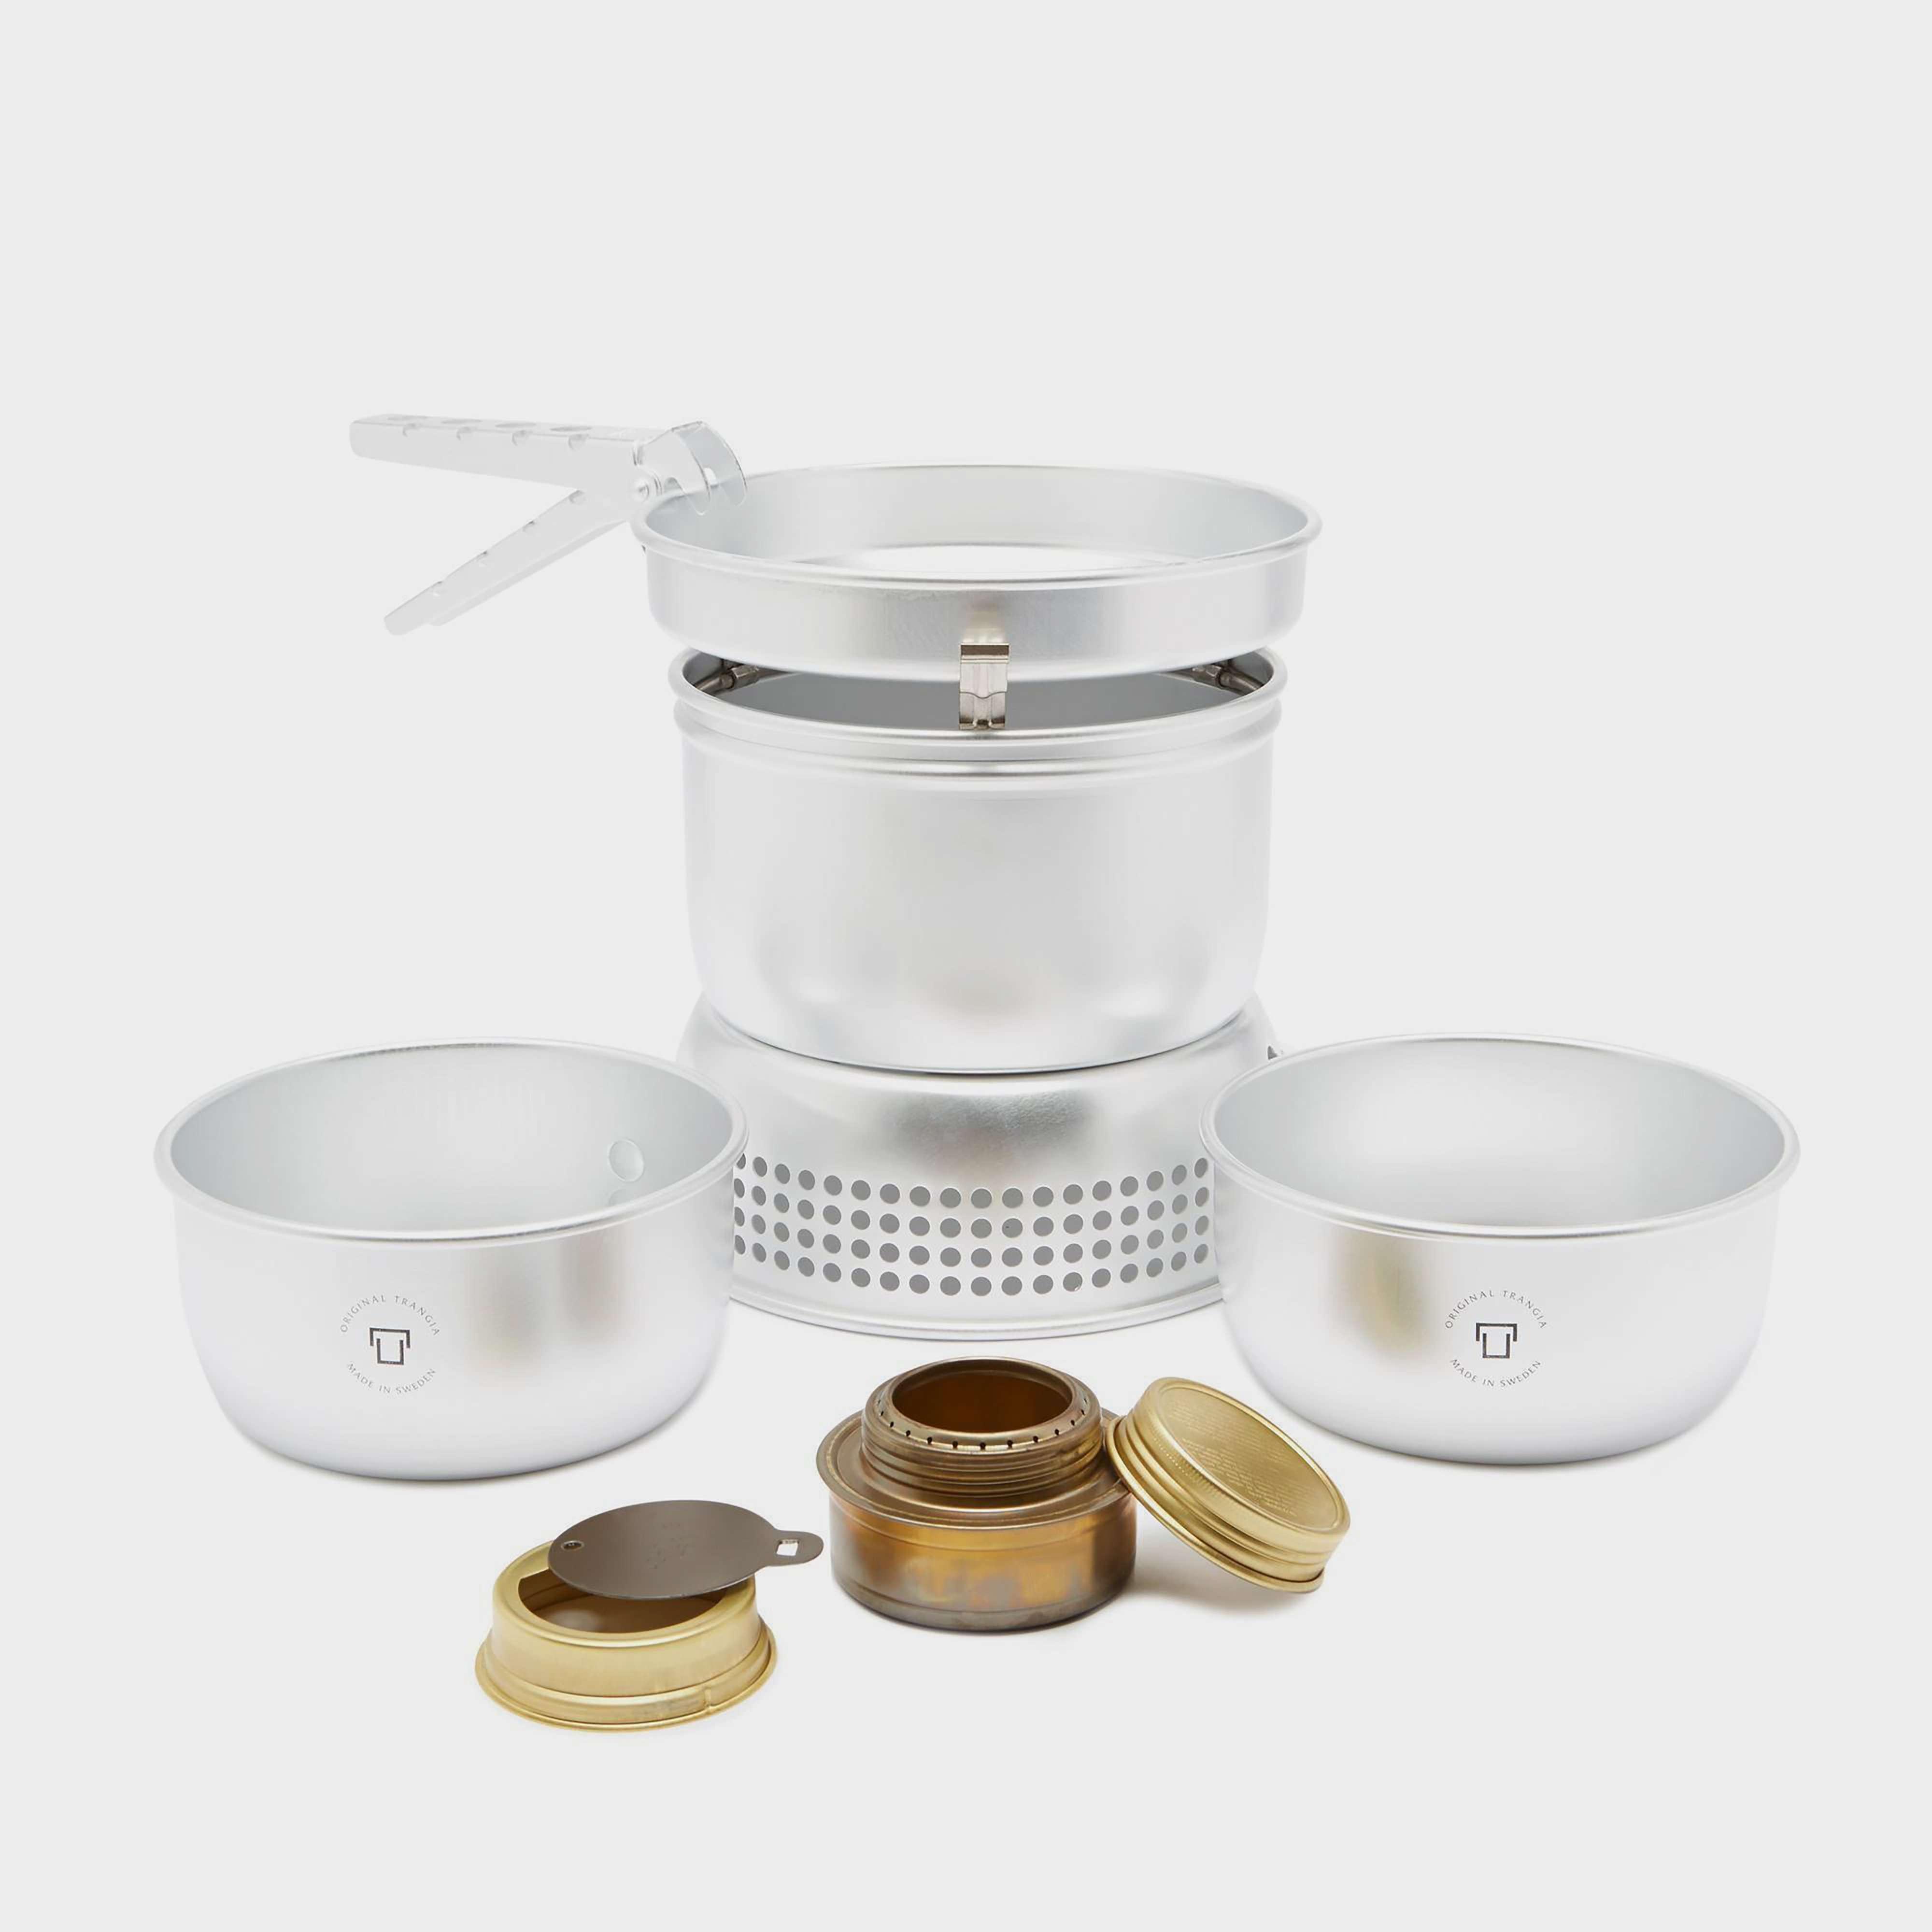 TRANGIA Aluminium 27-1 Cooker